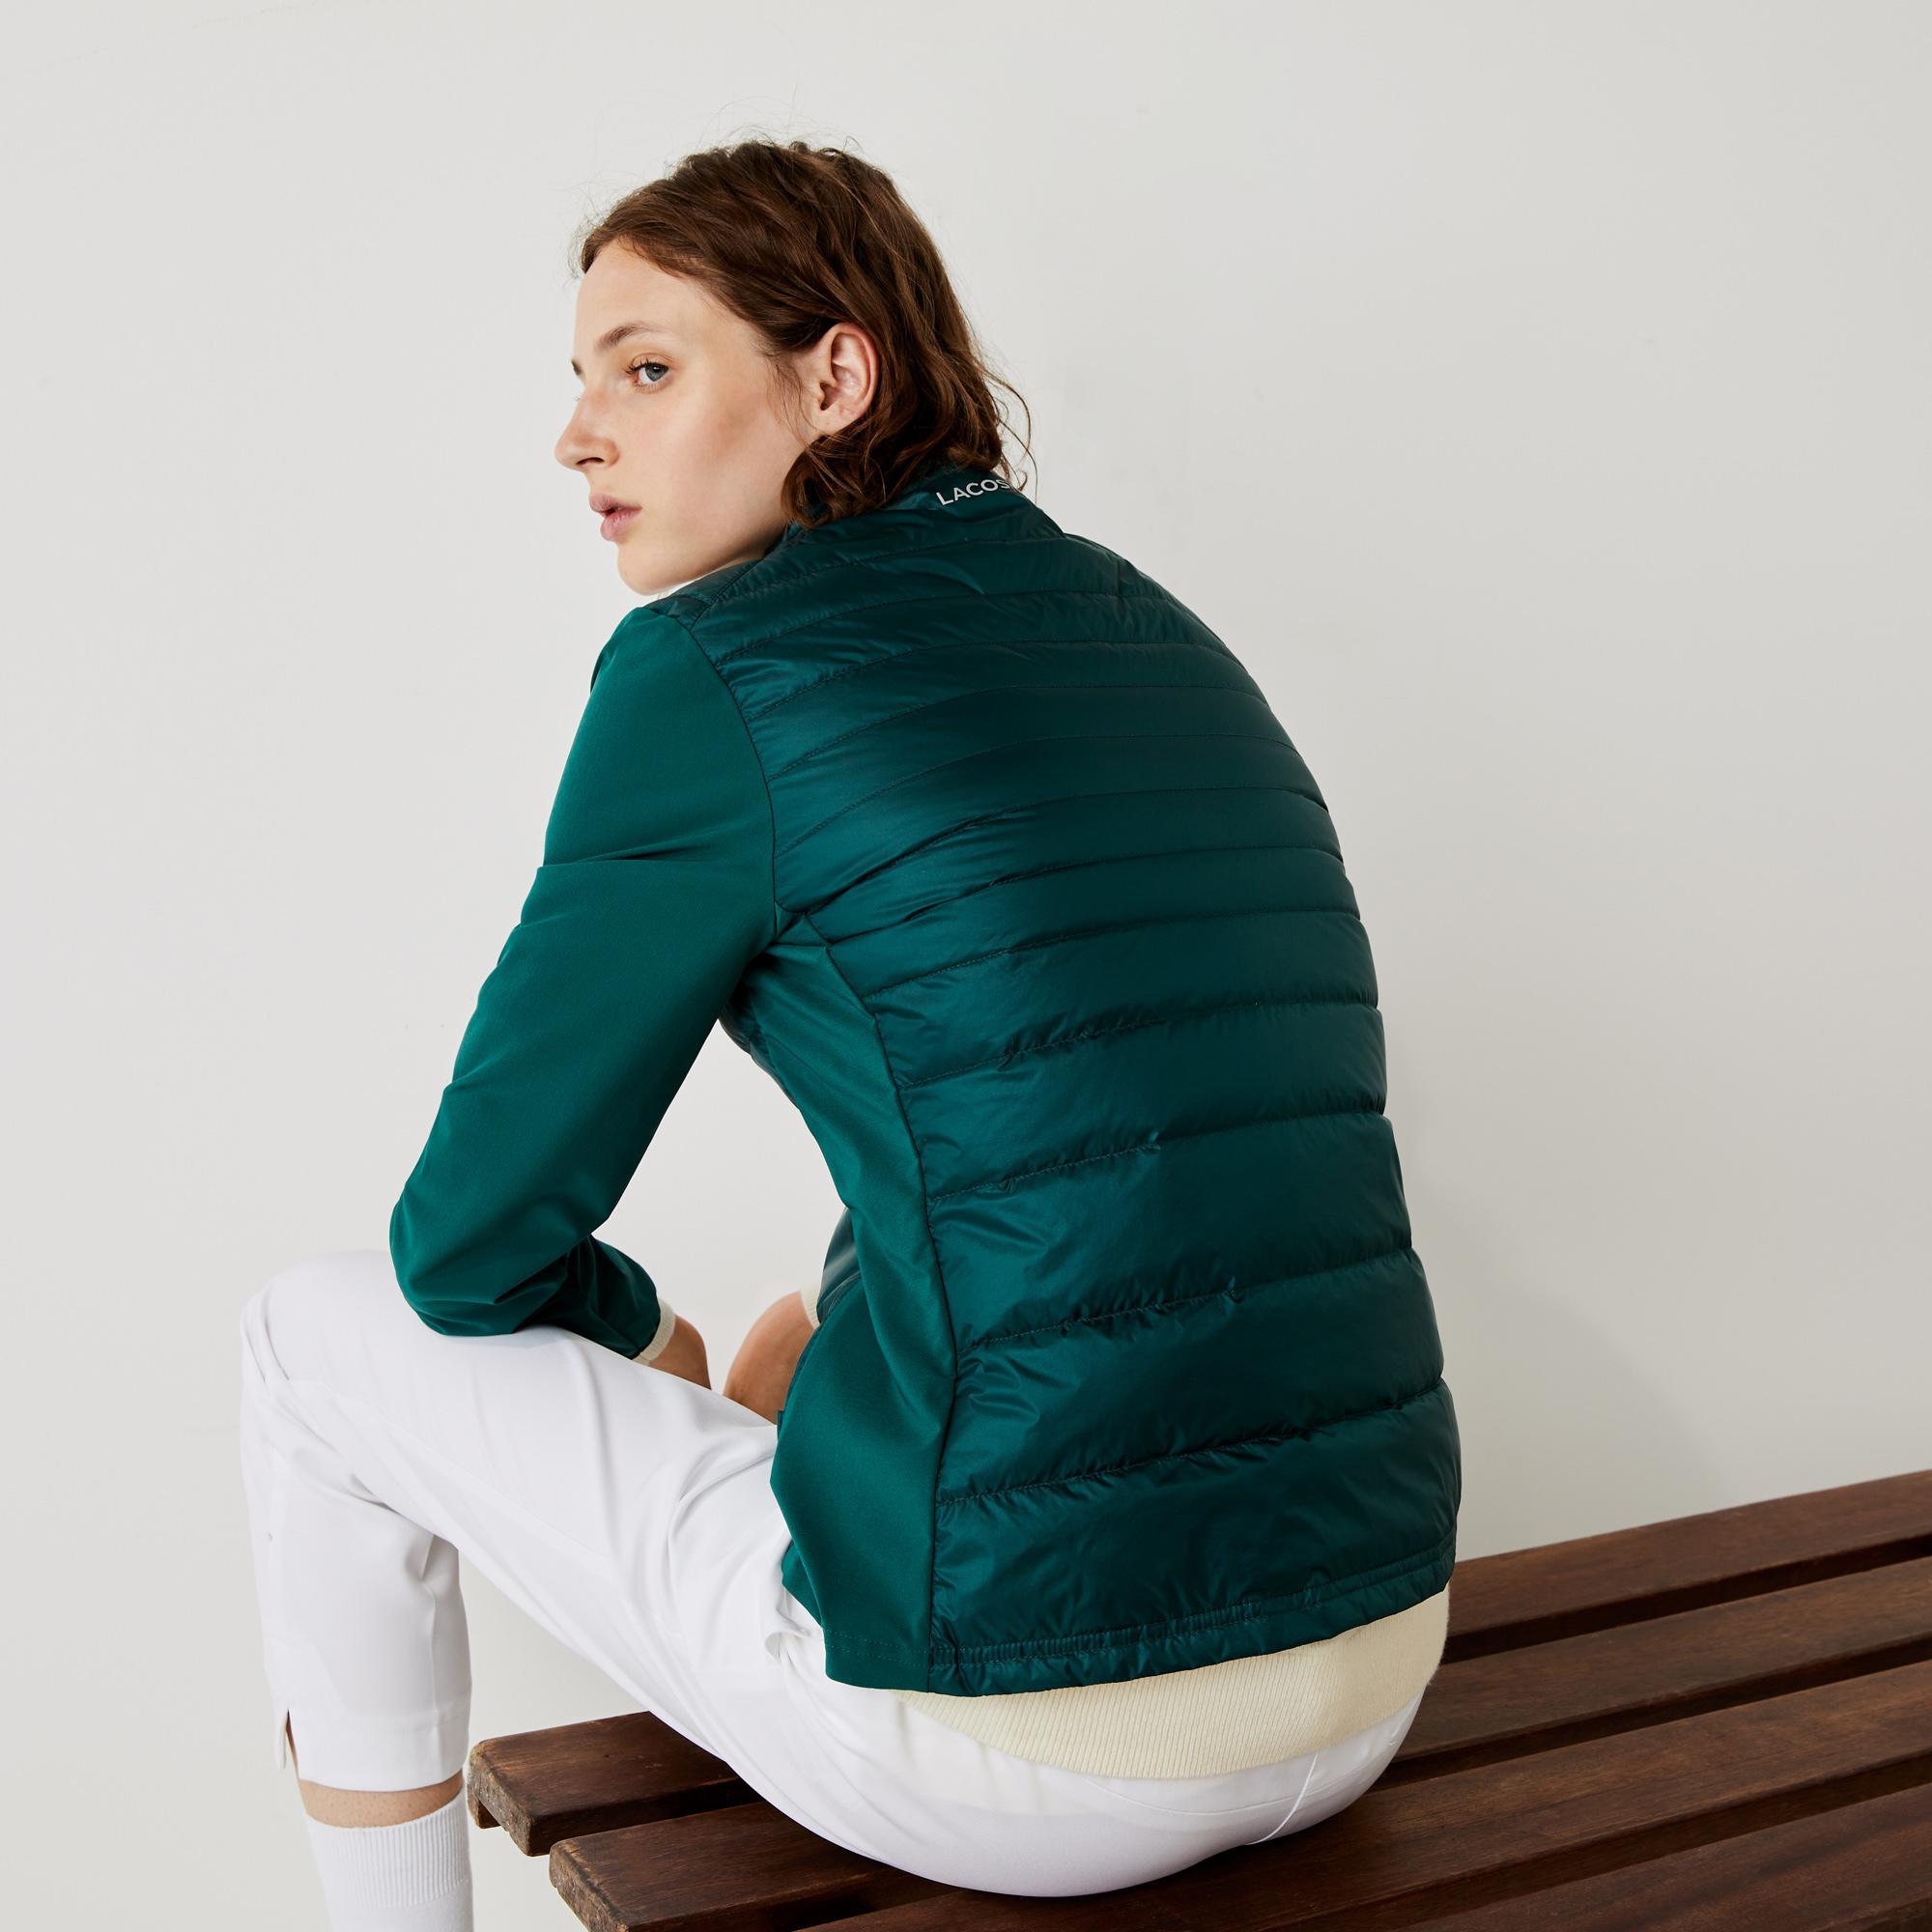 Lacoste Sport Kadın Kapitone Dik Yaka Suya Dayanıklı Yeşil Ceket